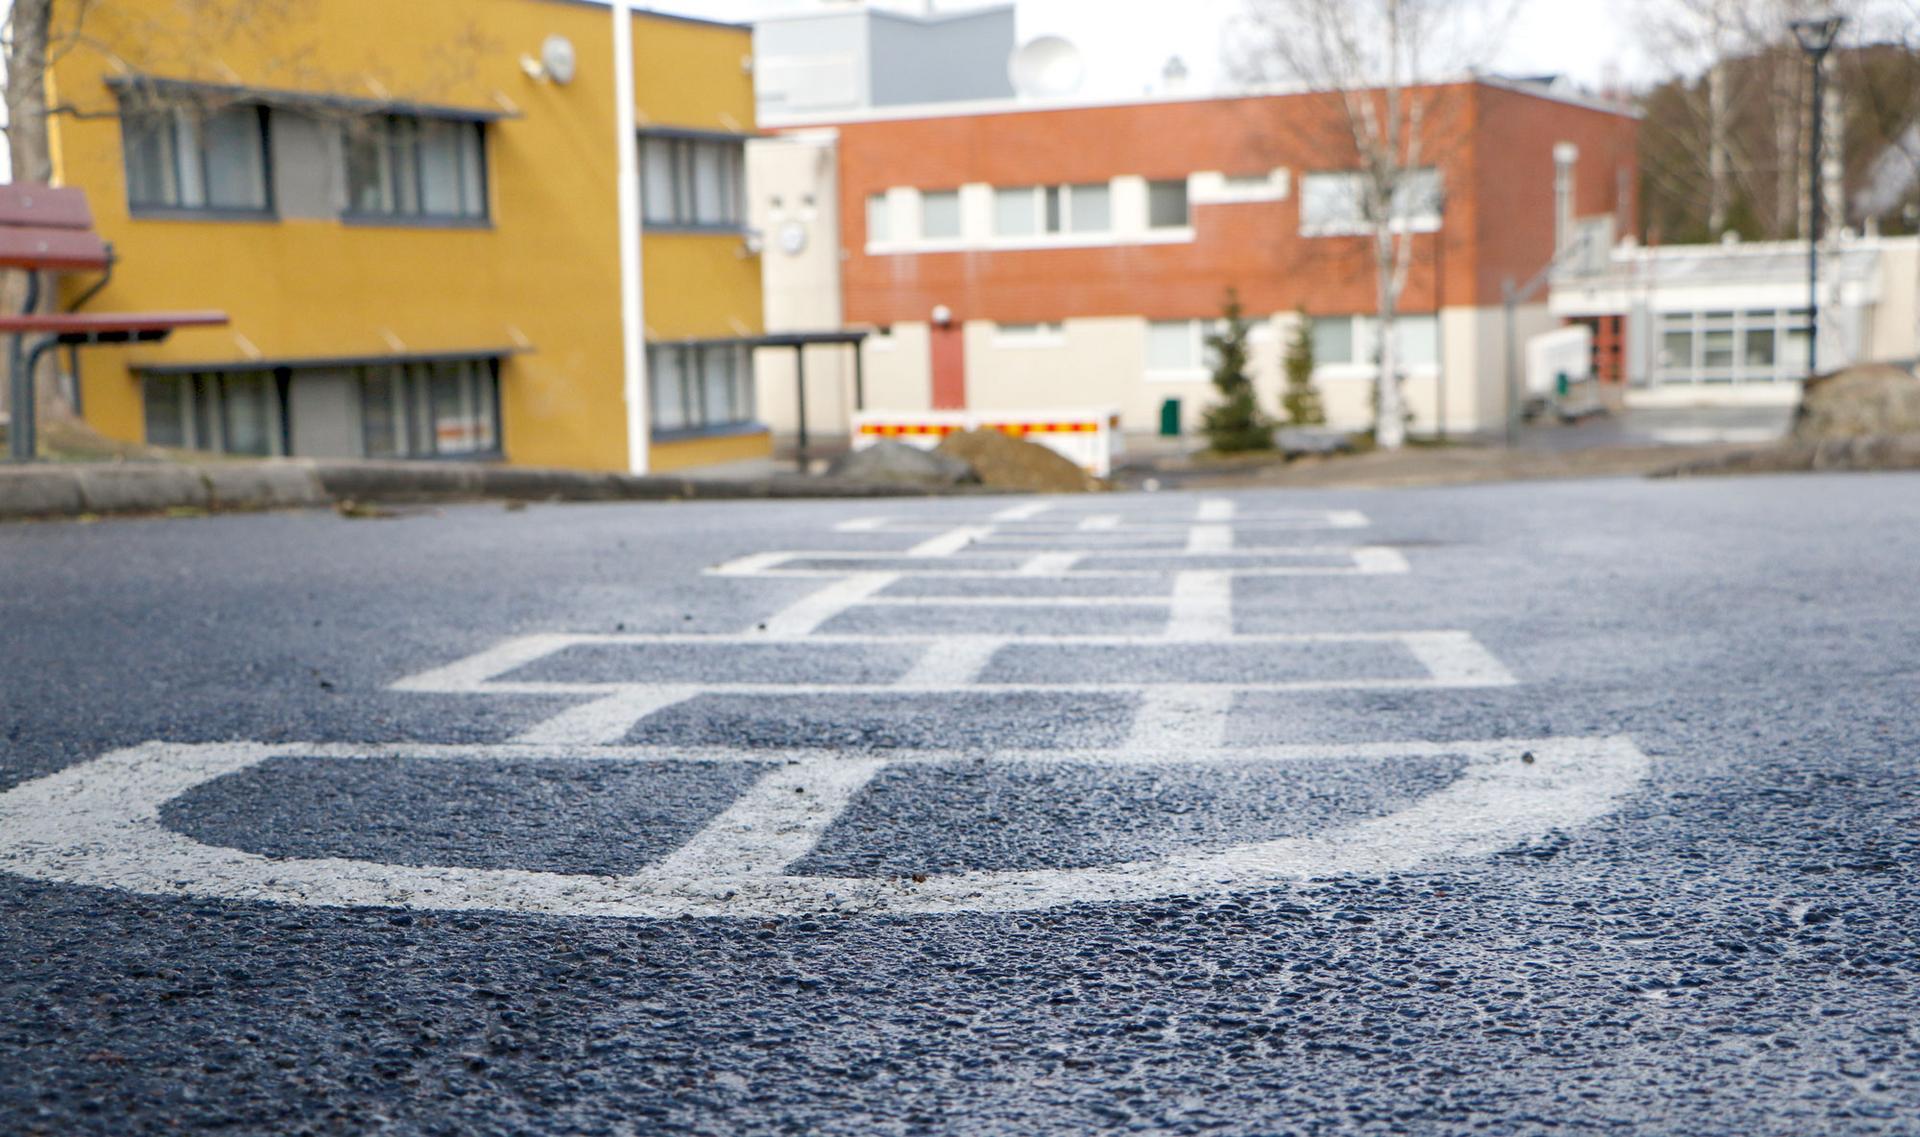 Sariolan koulukeskuksen pihamaa tyhjenee loman vuoksi seuraavan kerran syyslomalla, joka tänä syksynä pidetään 12.–18.10.